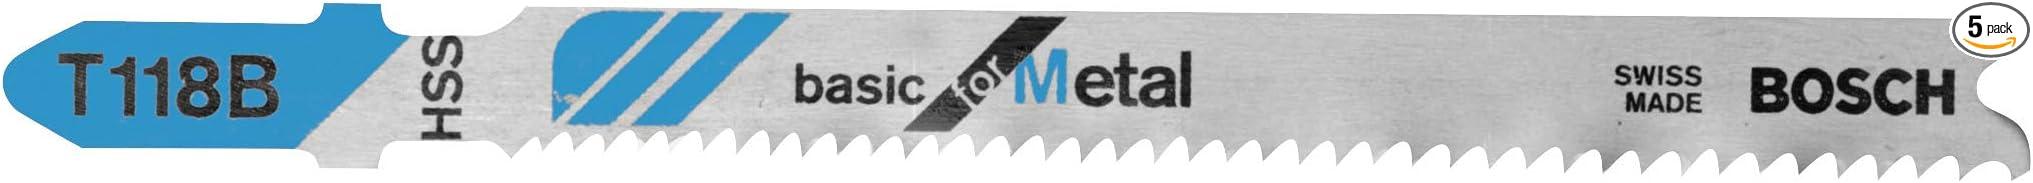 Bosch 5 pcs Jig Saw Blades T118BF T-Shank Bi-Metal 2608634503